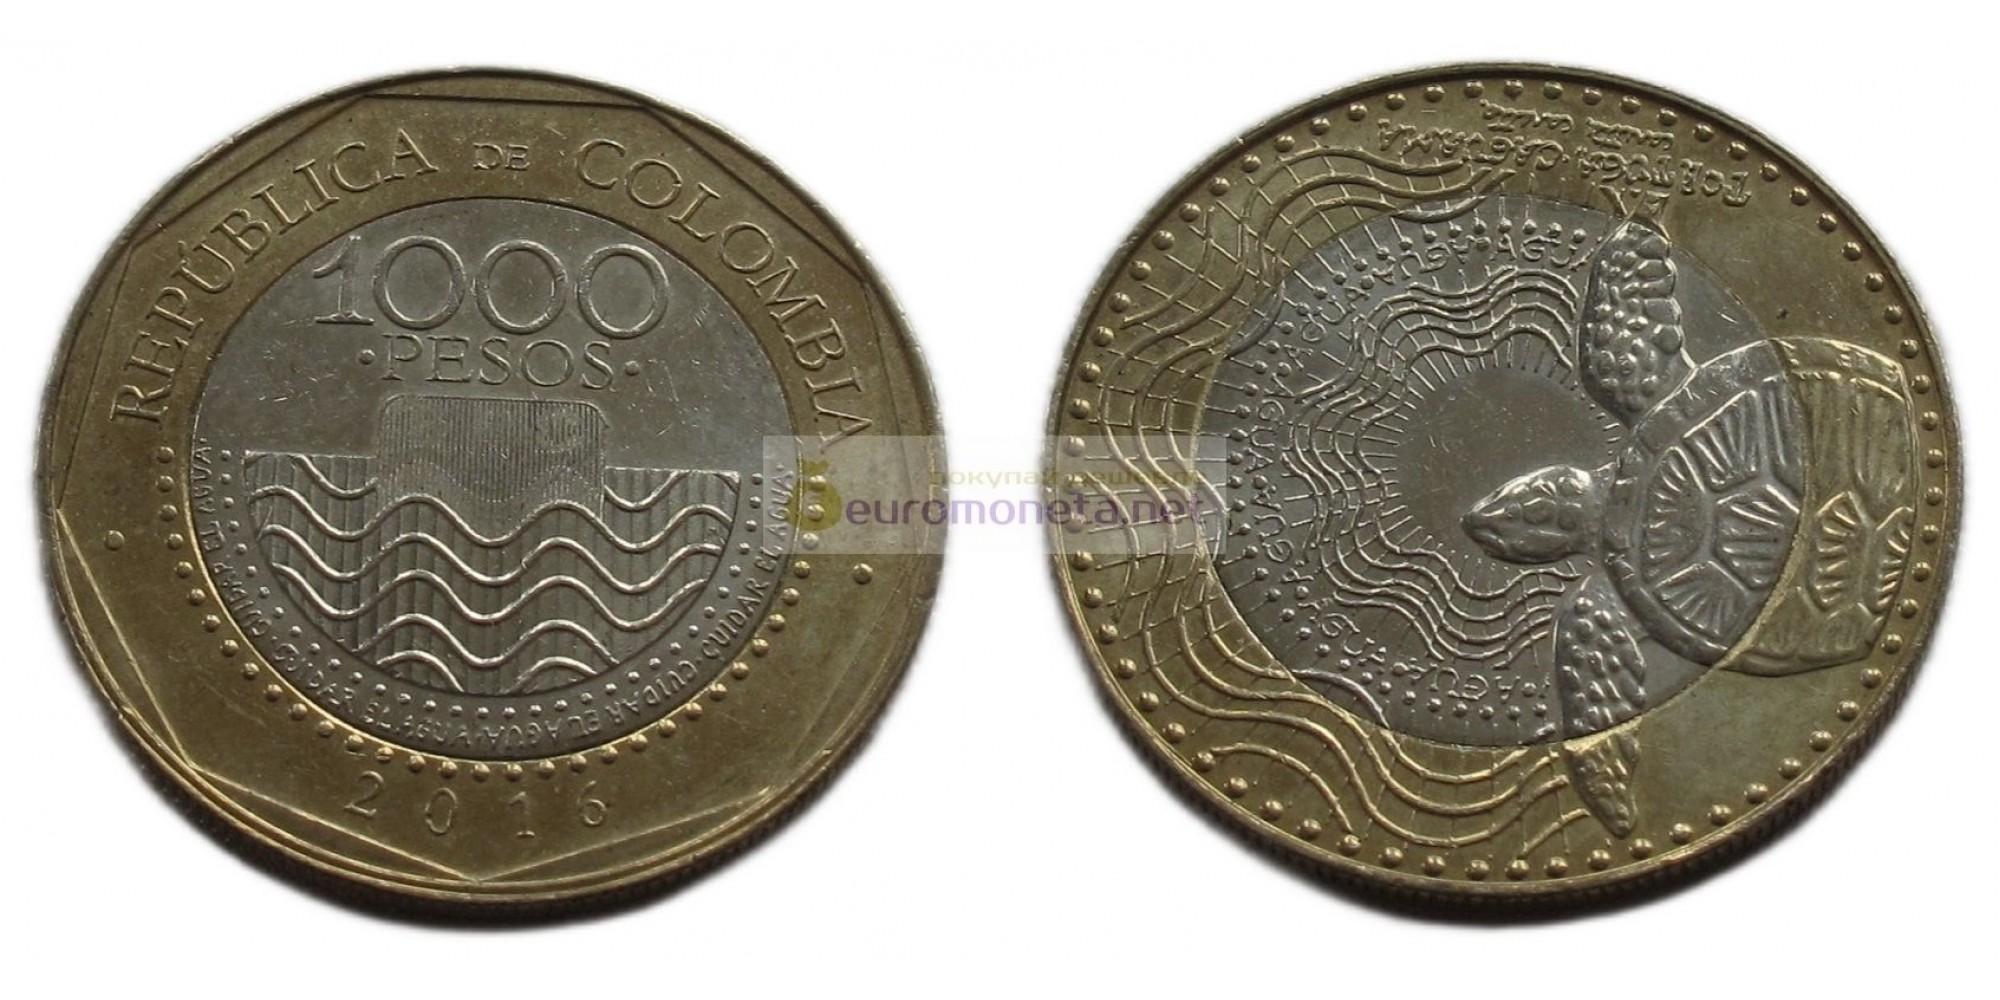 Колумбия 1000 песо, 2016 год. Черепаха Кагуама, биметалл. AU